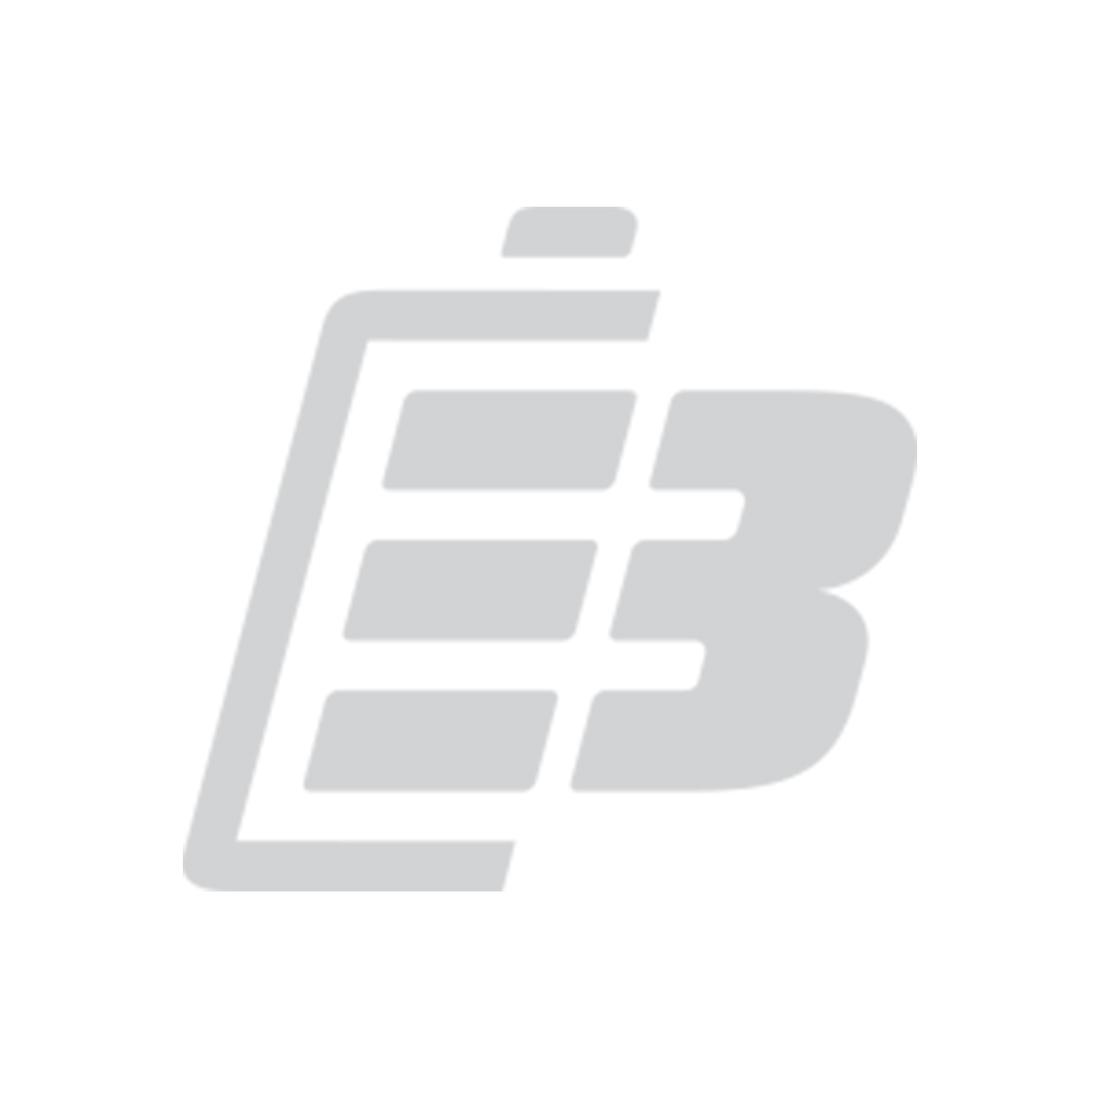 Survey tester battery Trimble R8_1